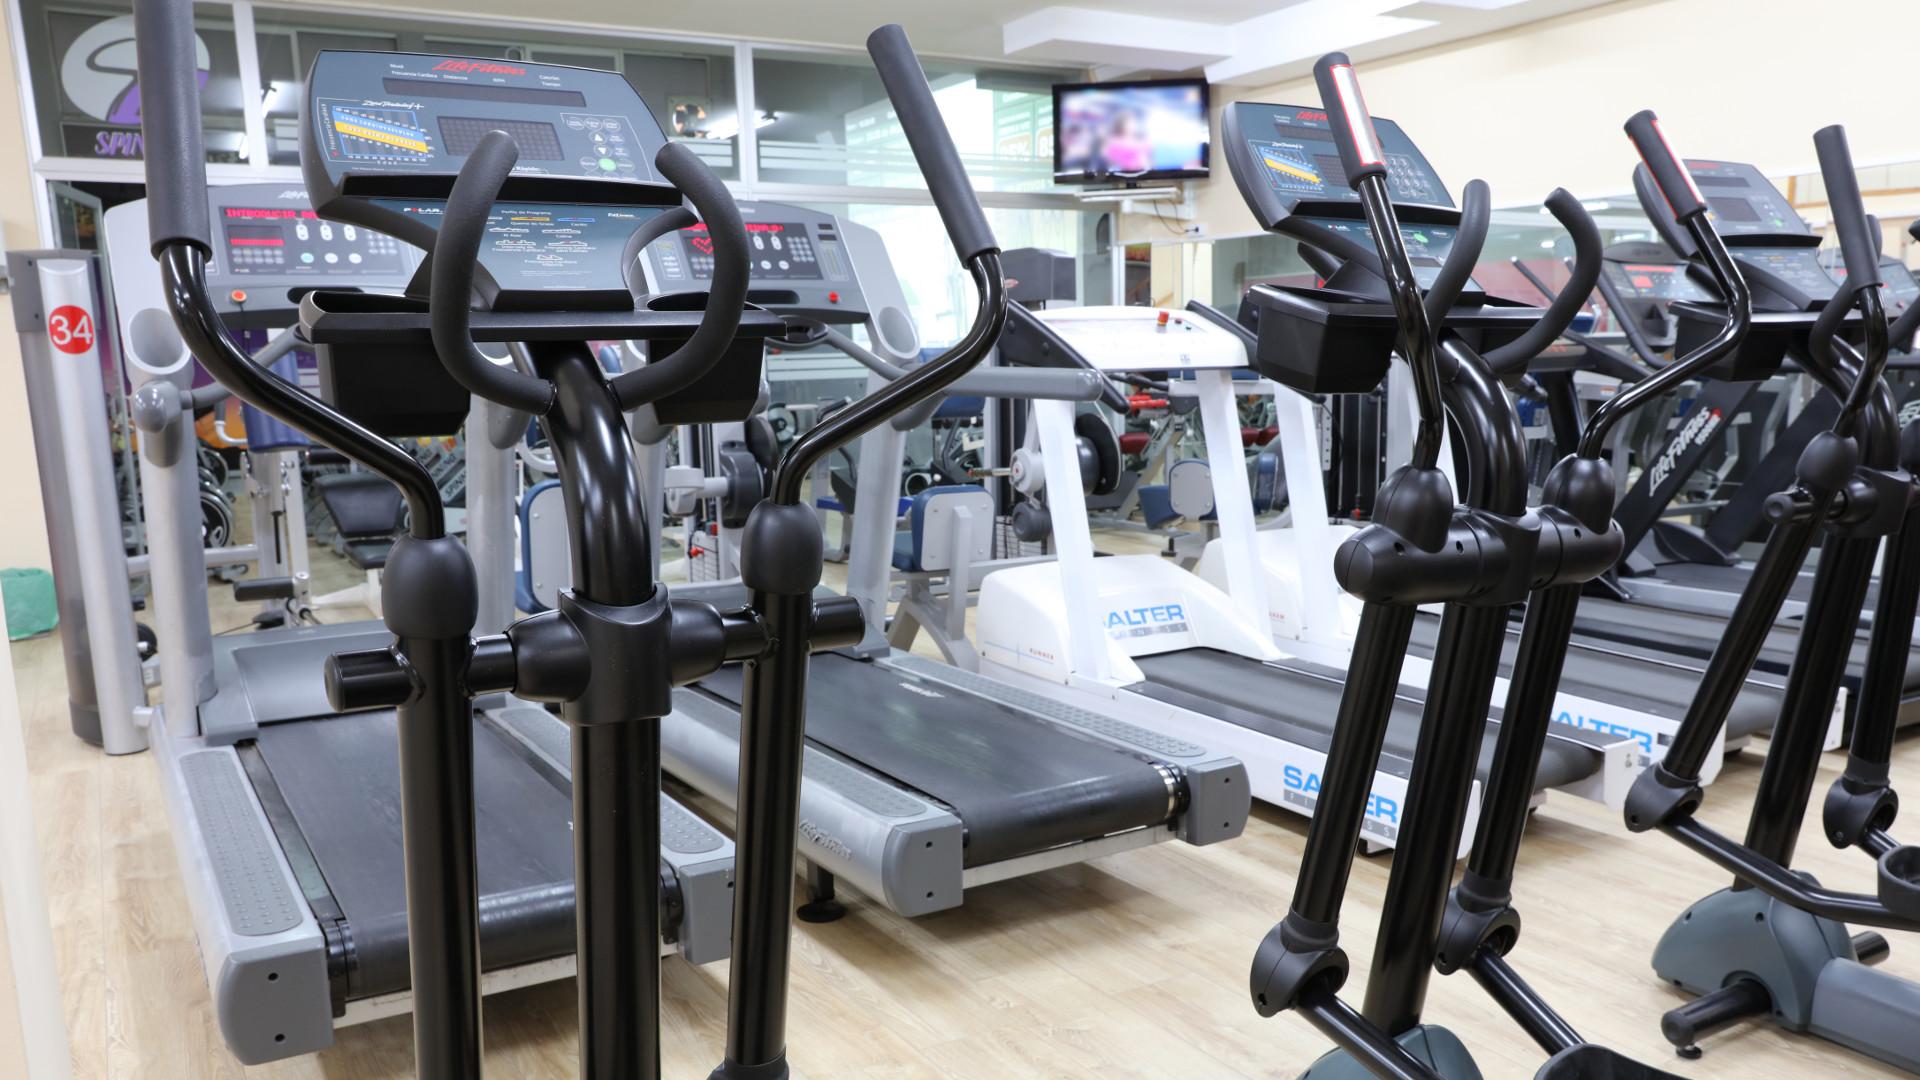 Gimnasio lugo gimnasios y centros de musculaci n lugo for Gimnasio jump lugo